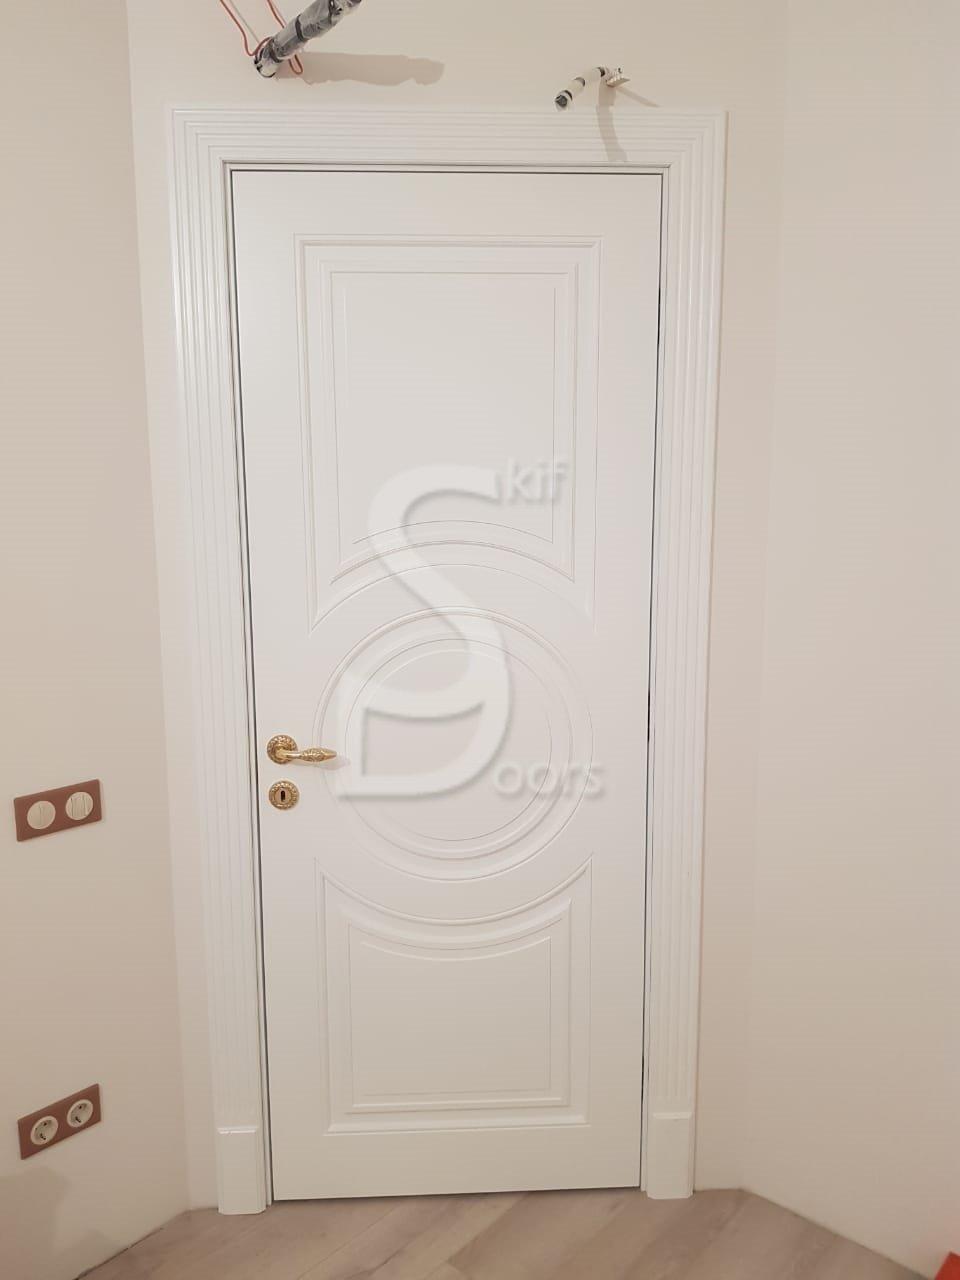 Sdoors (33)